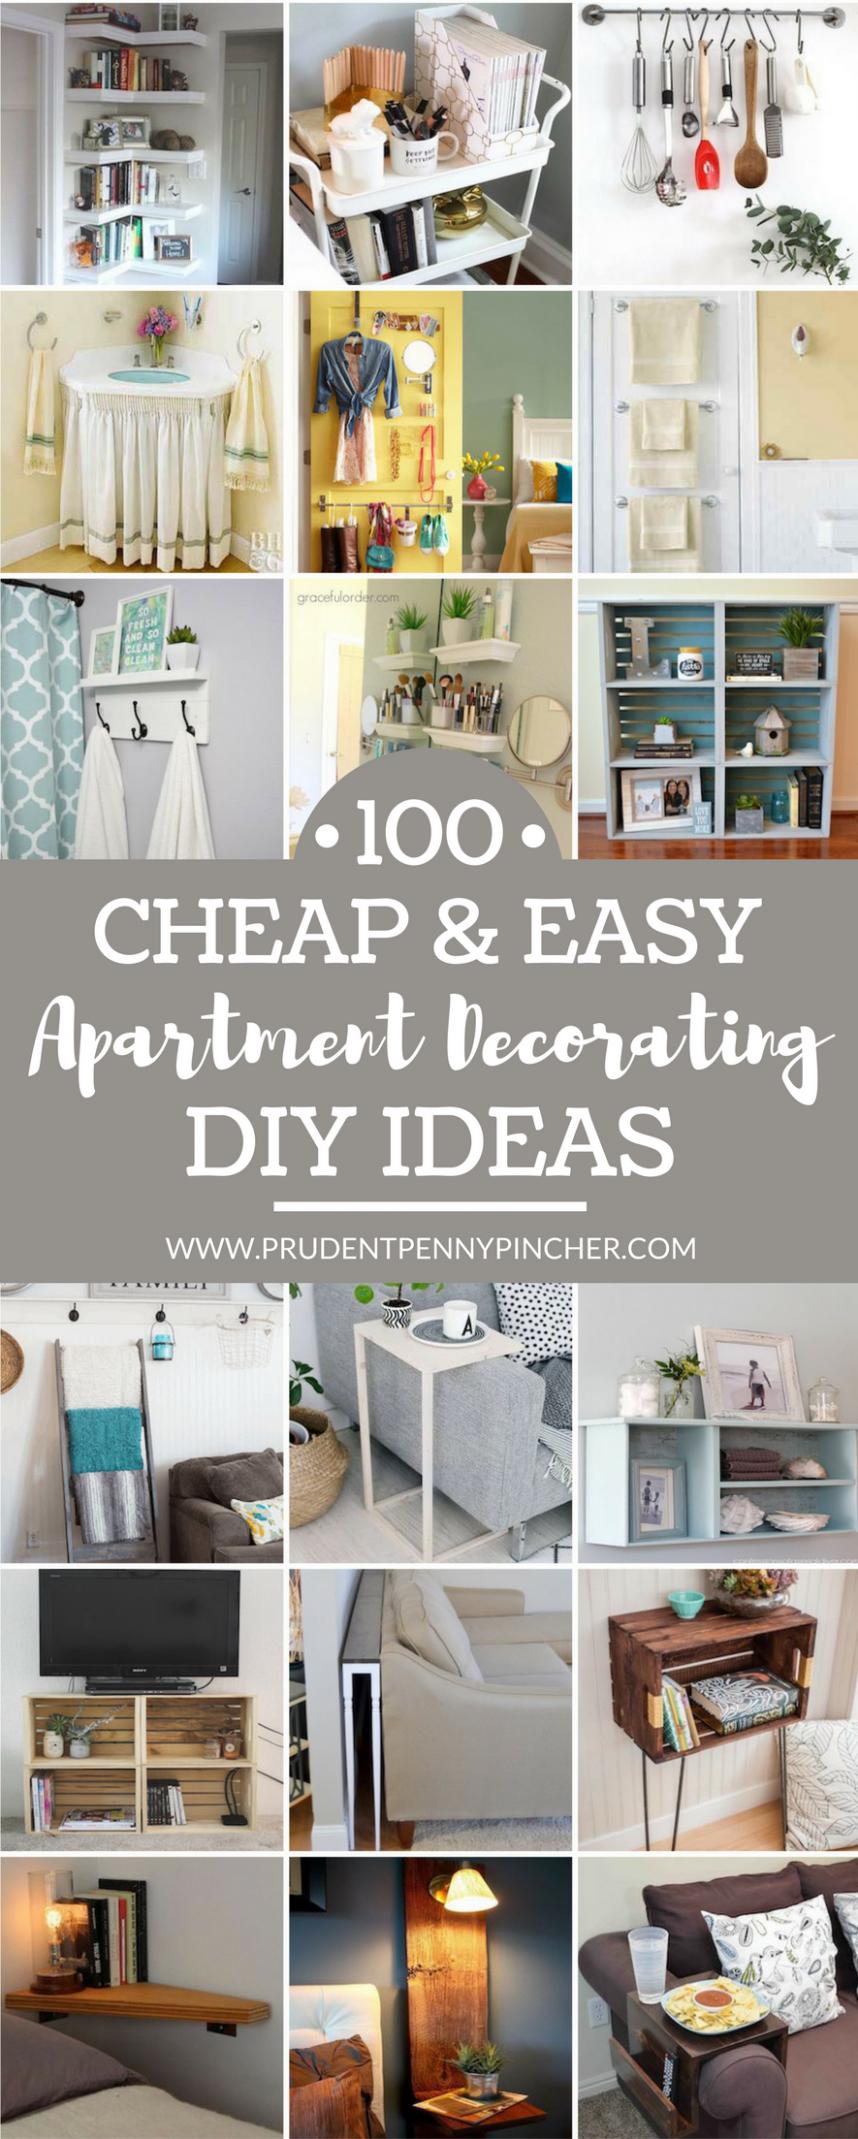 9 DIY Apartment Decorating Ideas  Diy apartment decor  - Apartment Decor Ideas Diy